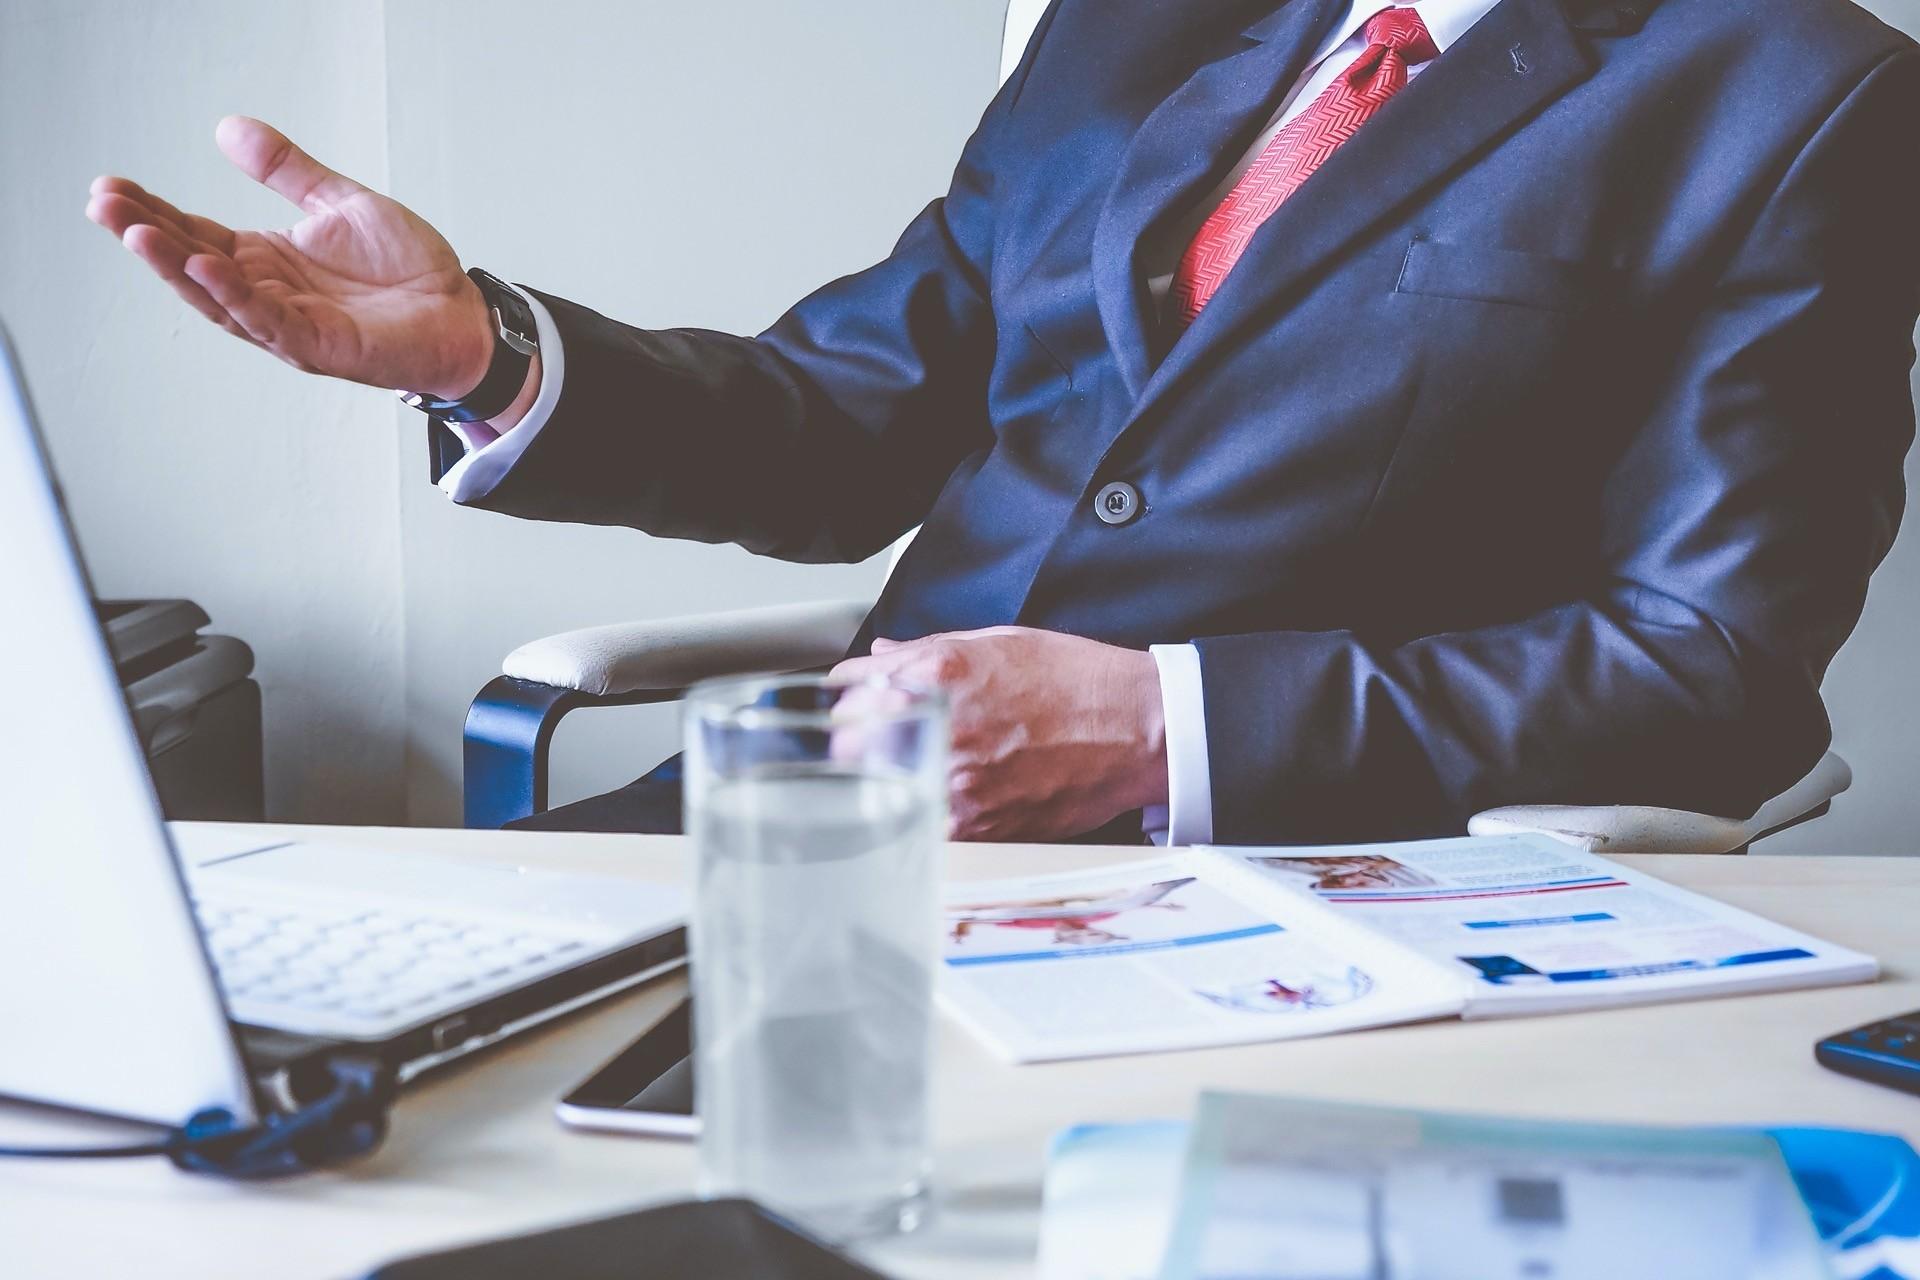 ▲上班,工作,老闆,業務,公事,談判,西裝,領帶,商業。(圖/pixabay)